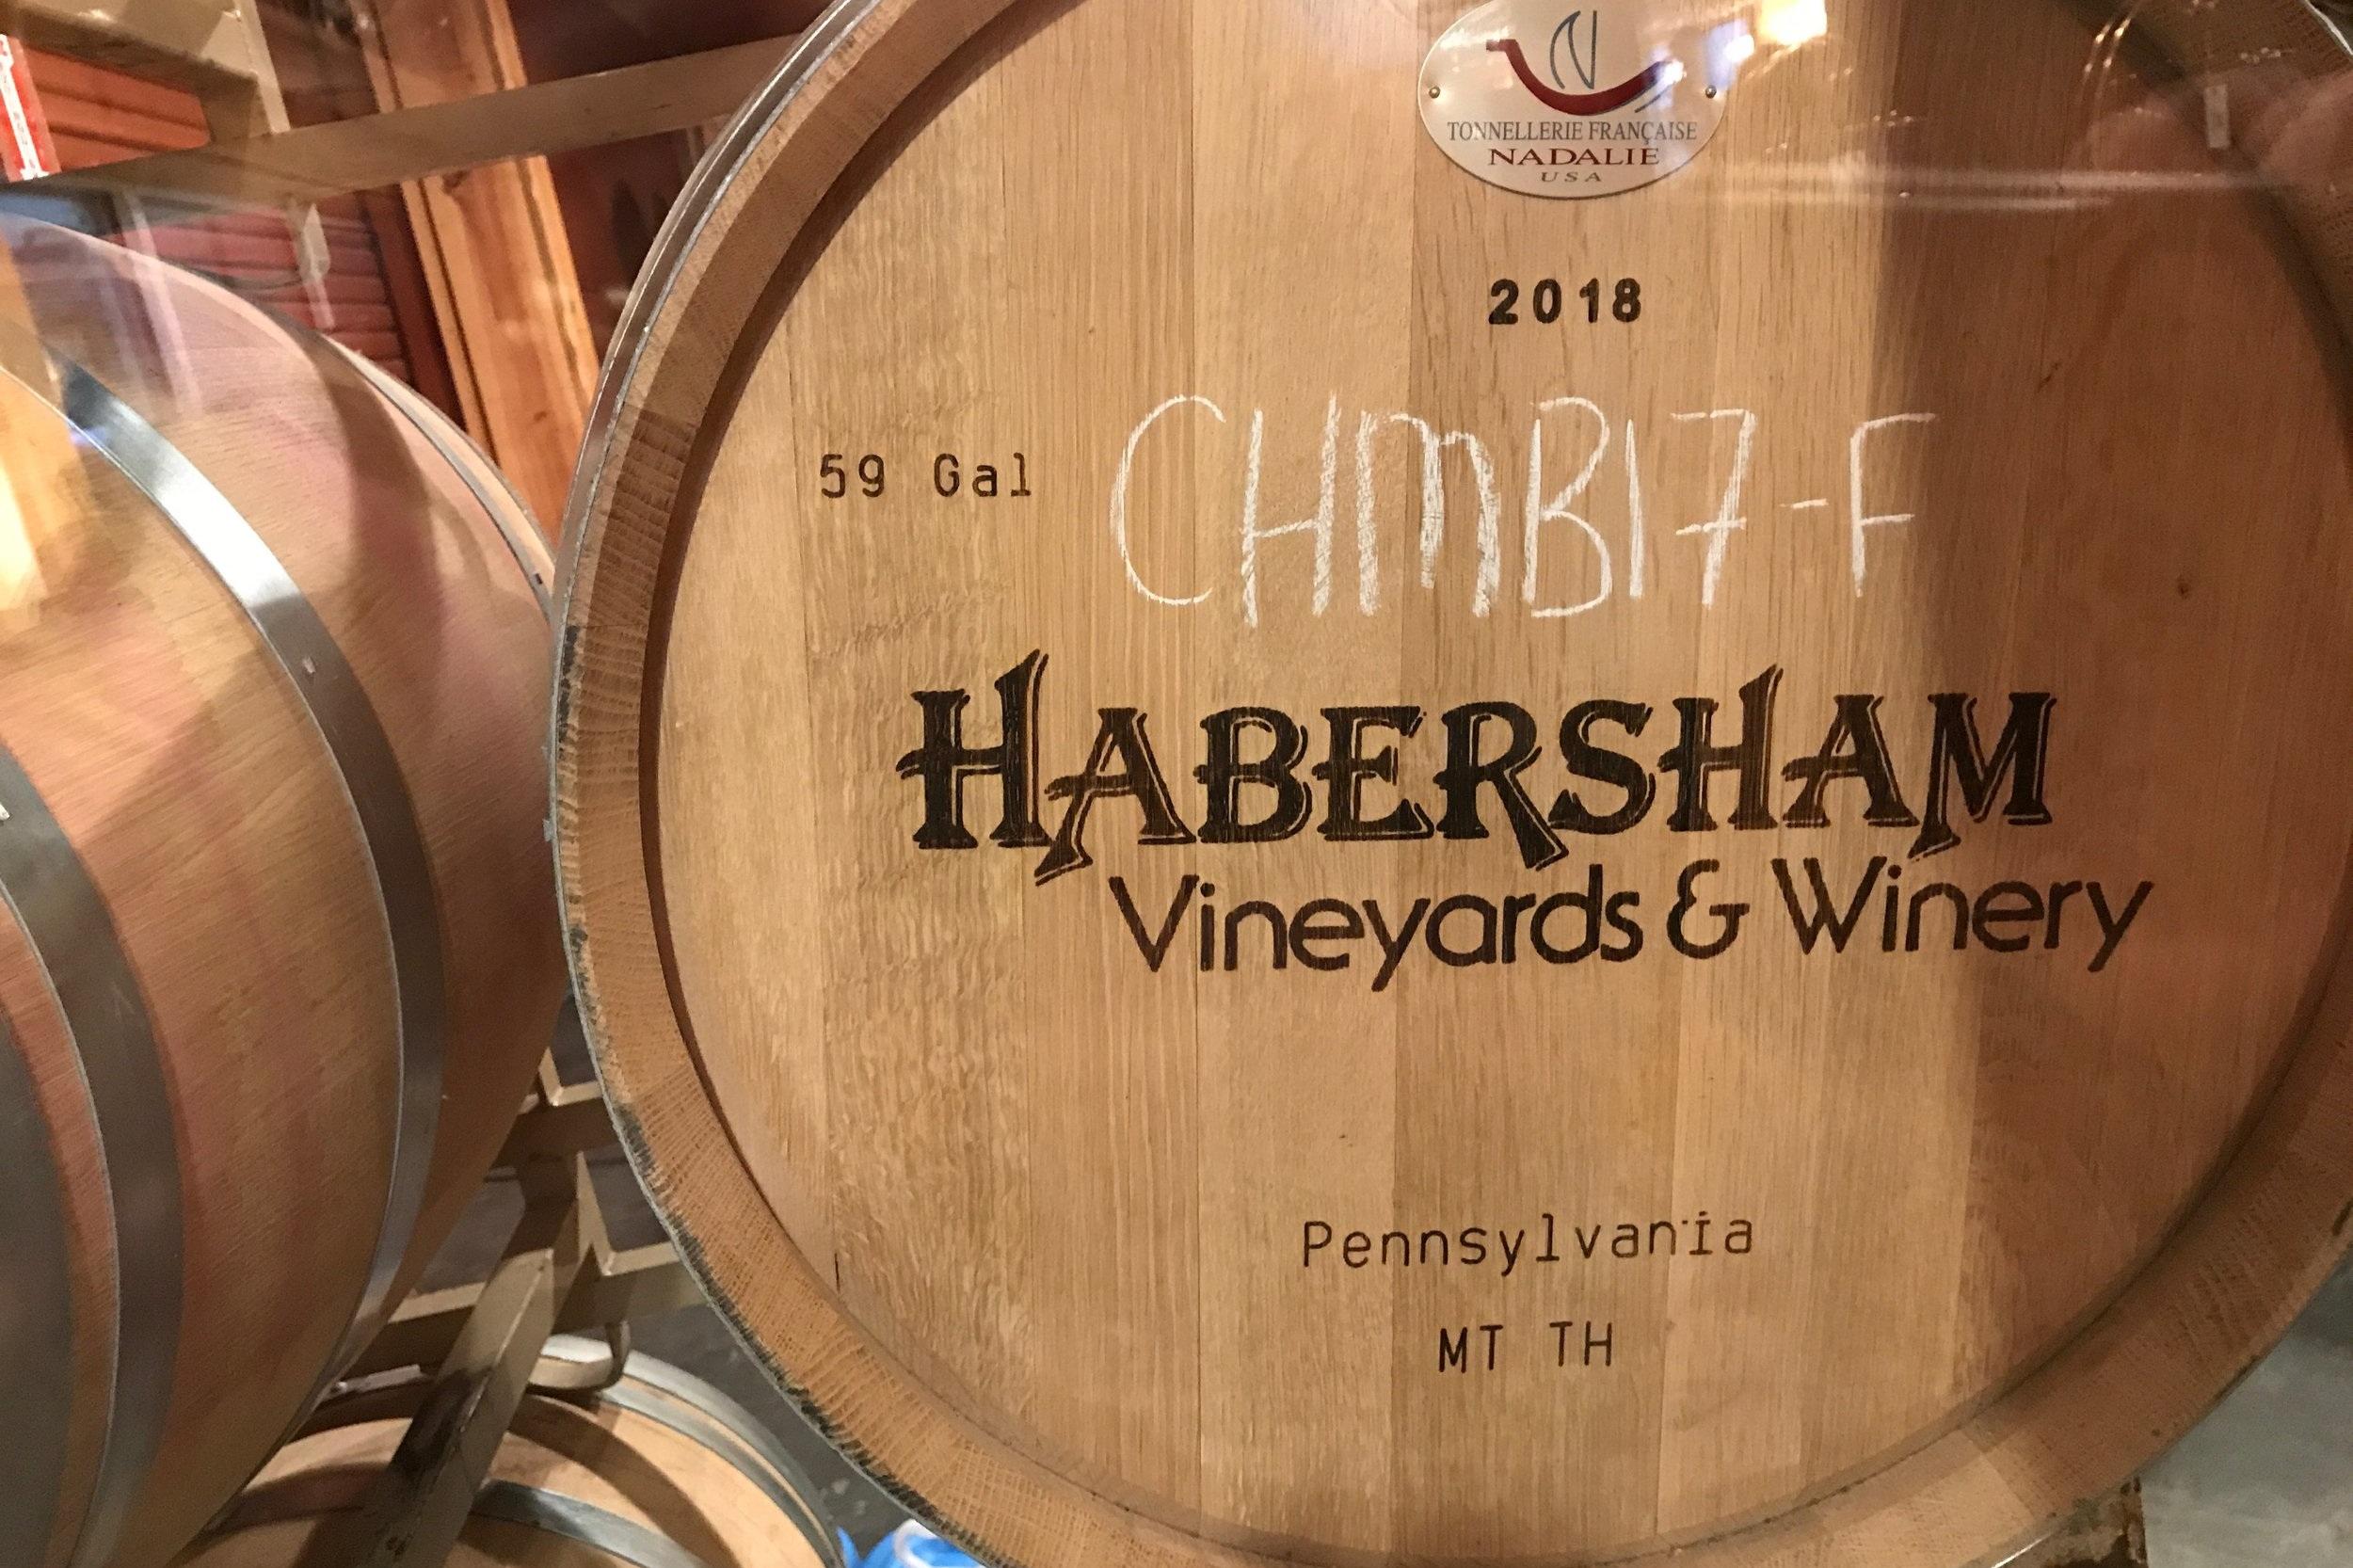 Habersham Winery & Vineyards